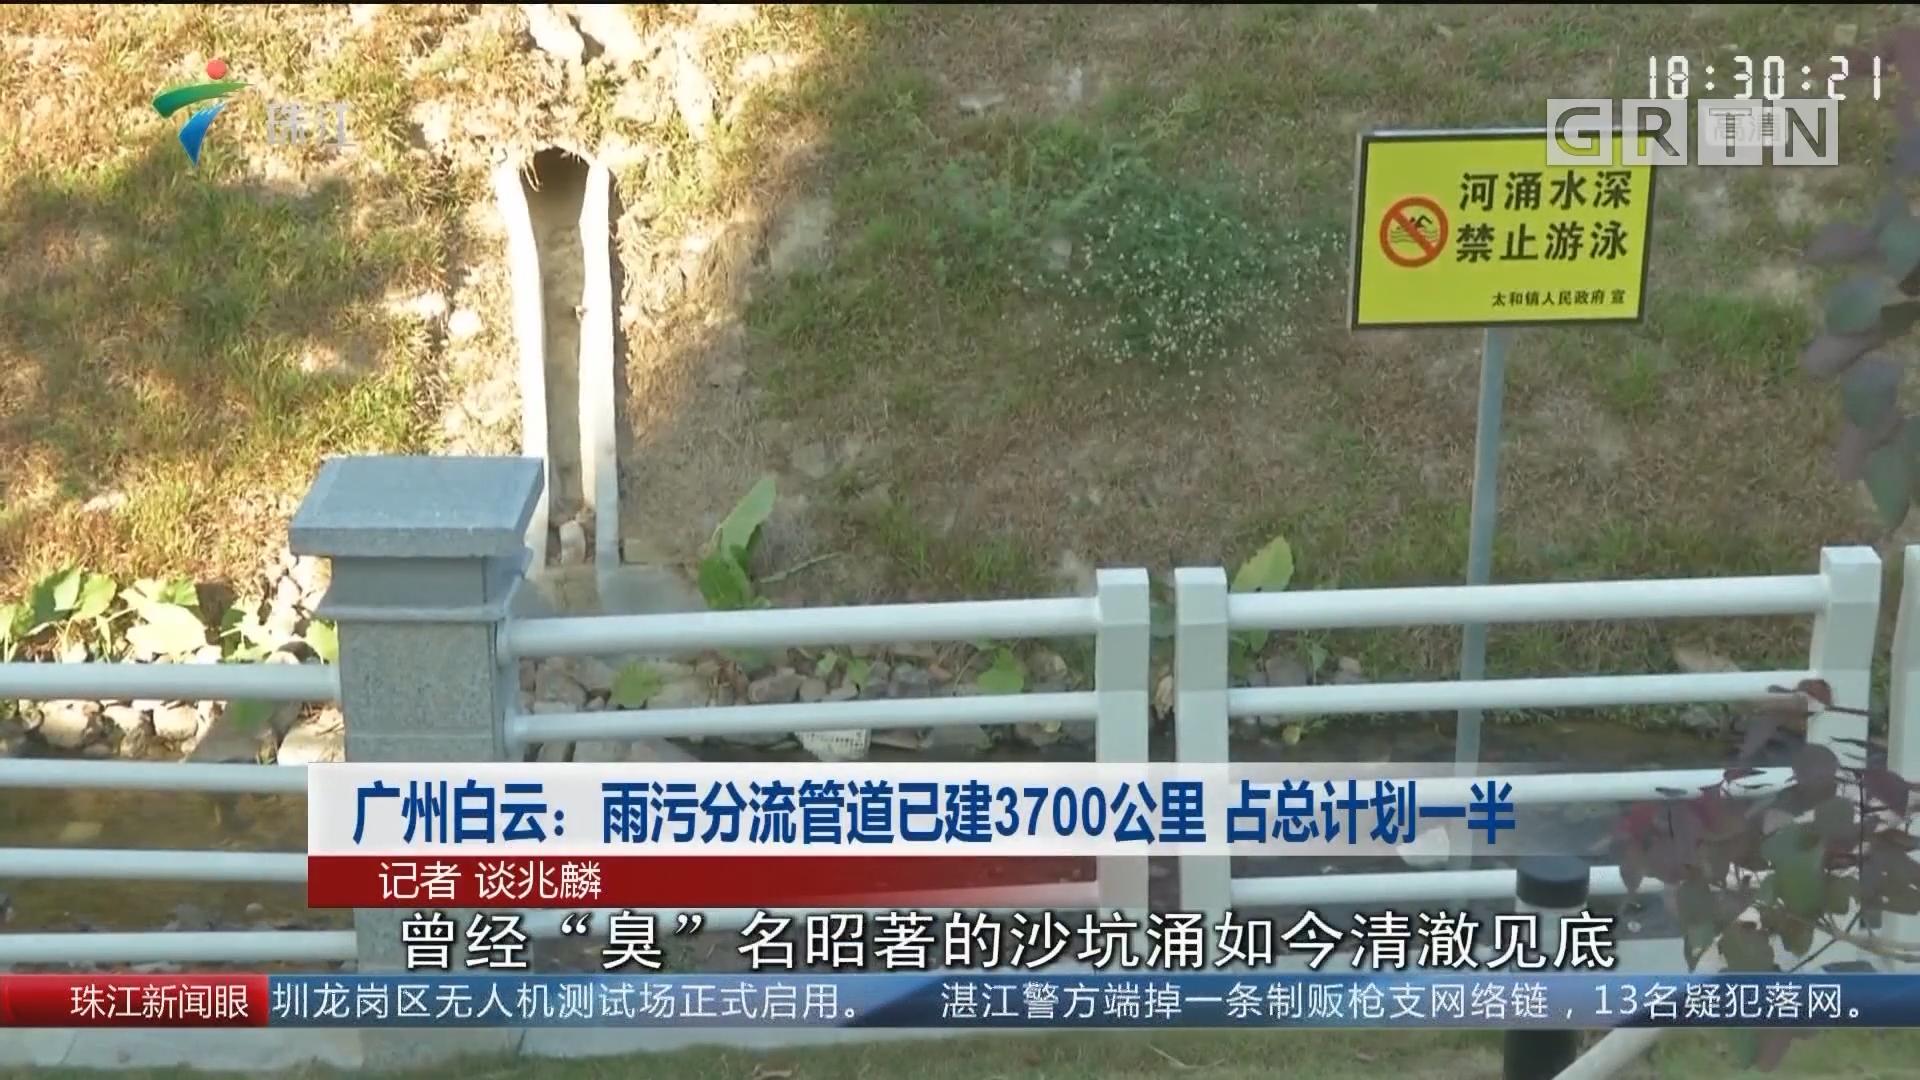 广州白云:雨污分流管道已建3700公里 占总计划一半